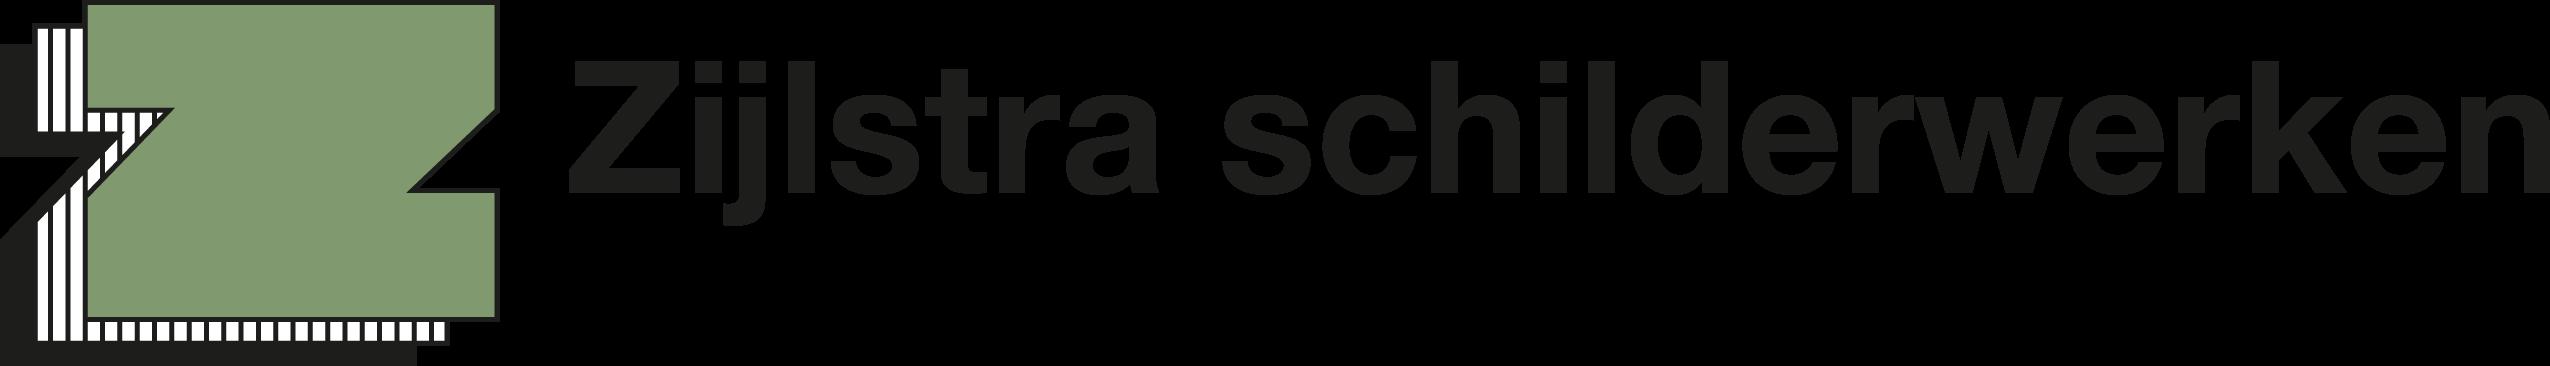 Logo Zijlstra Schilderwerken